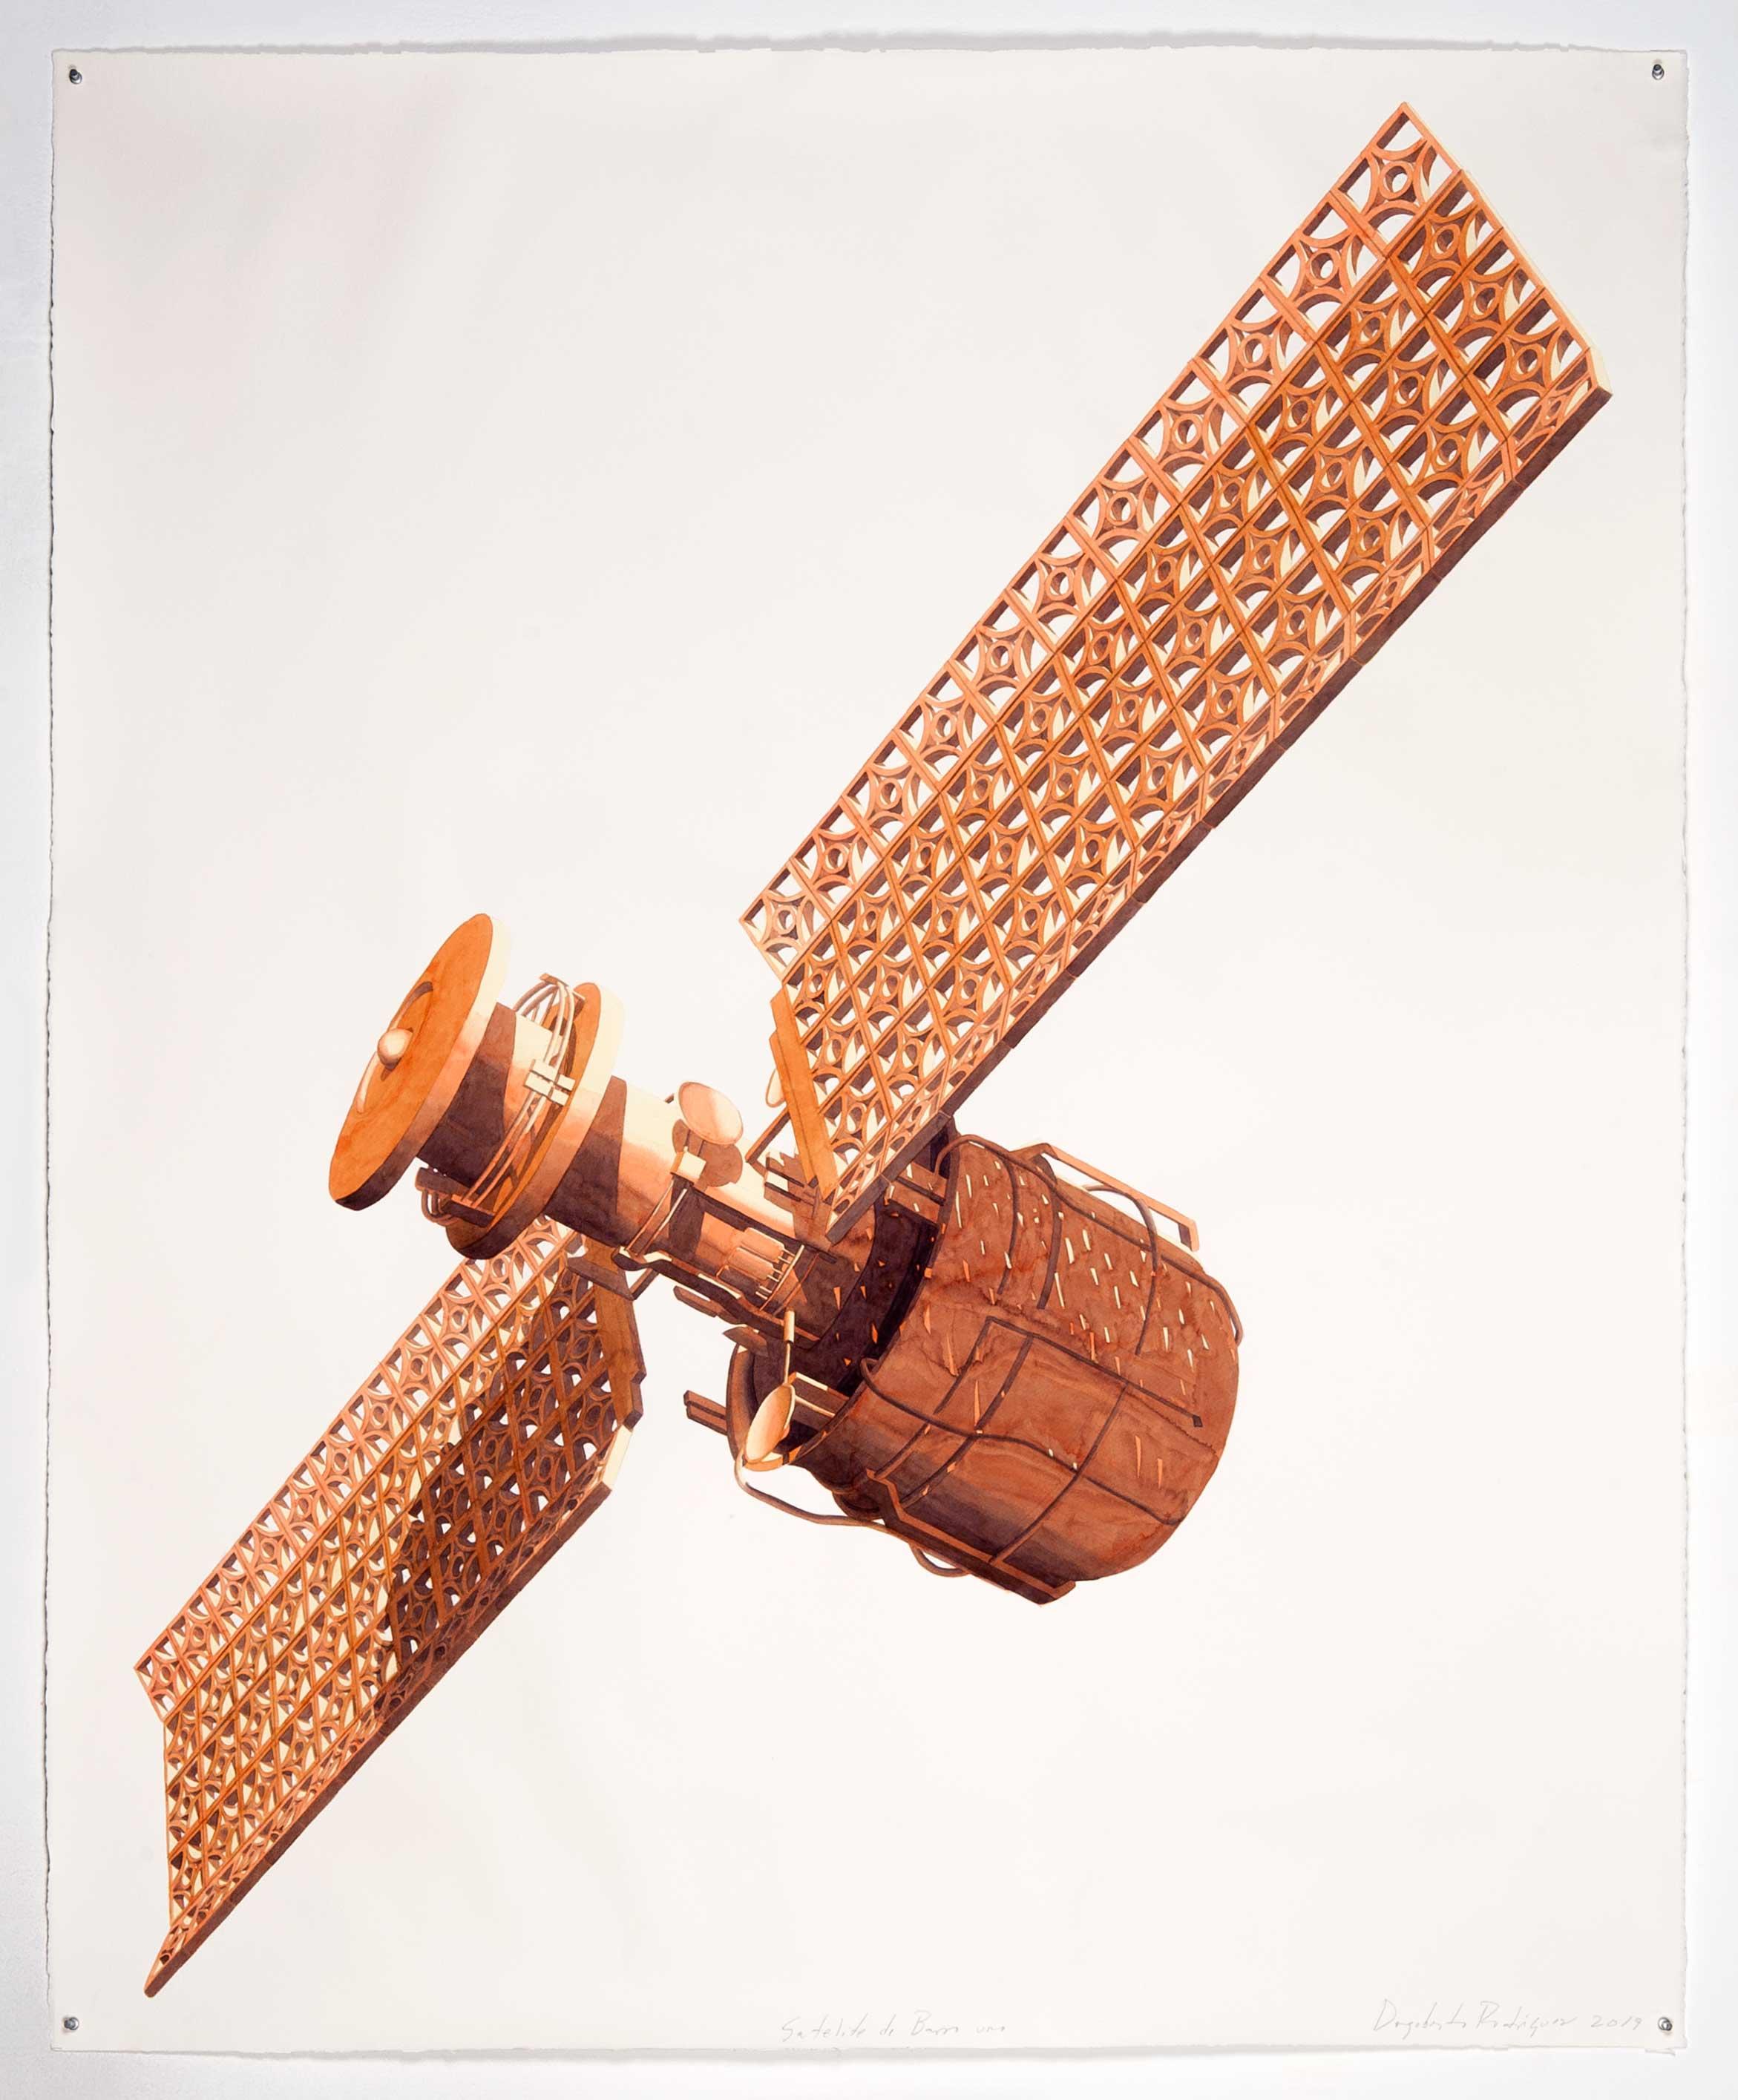 Satelite de Barro uno